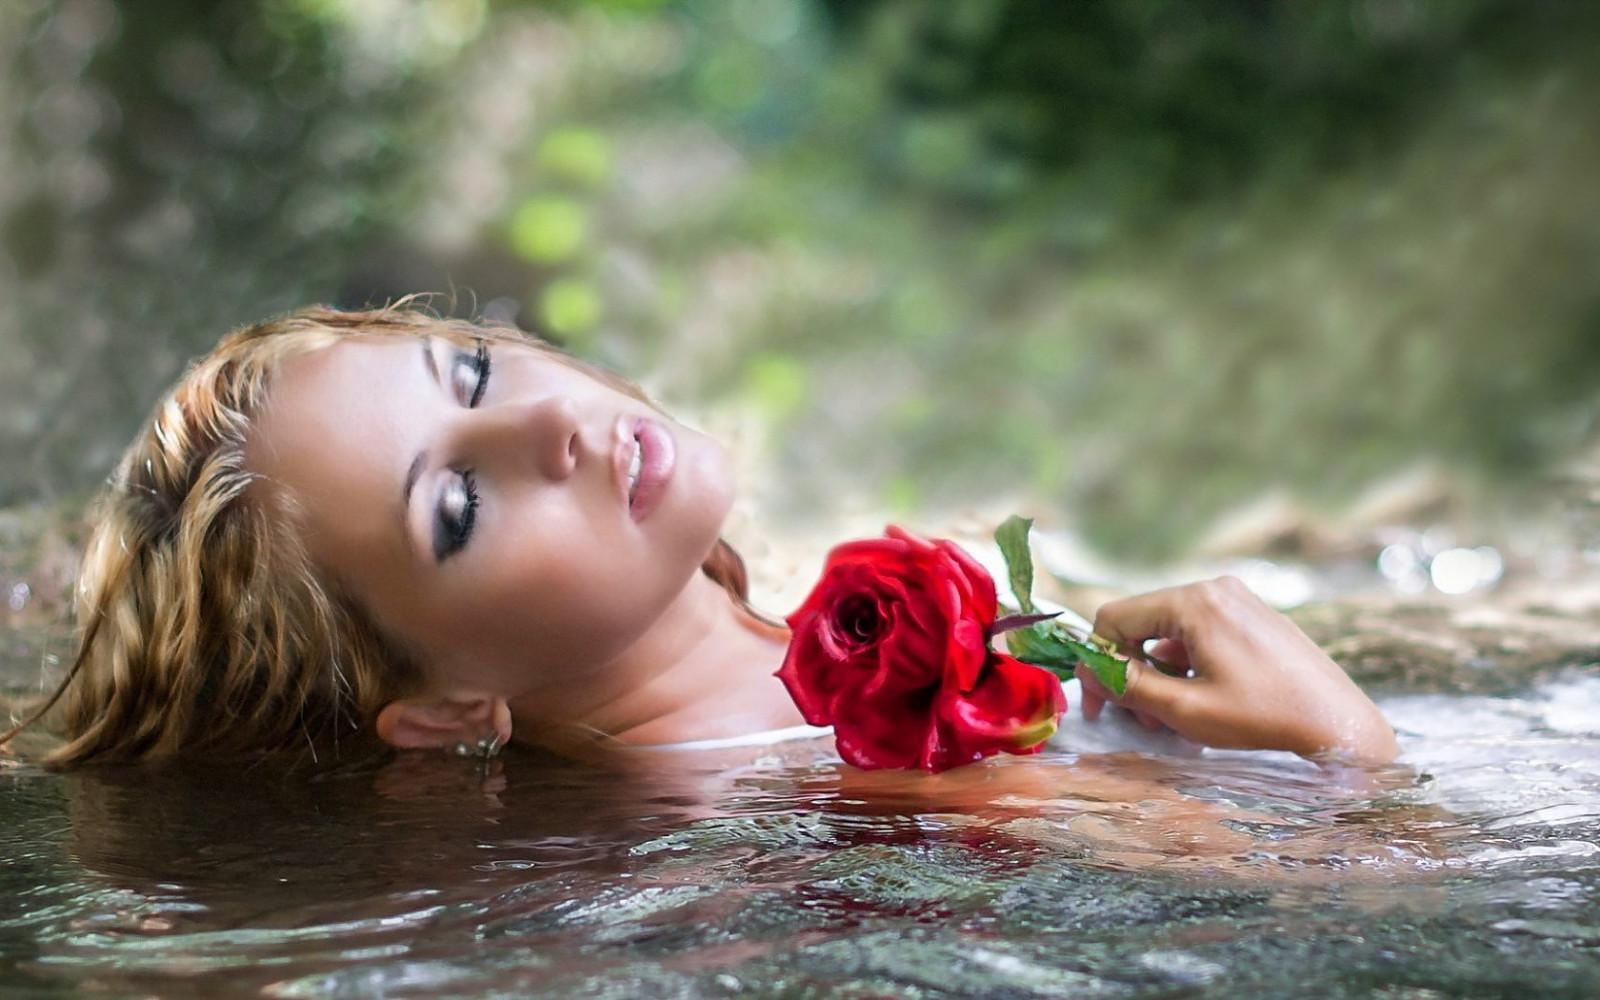 Wallpaper : face, women, model, portrait, blonde, flowers